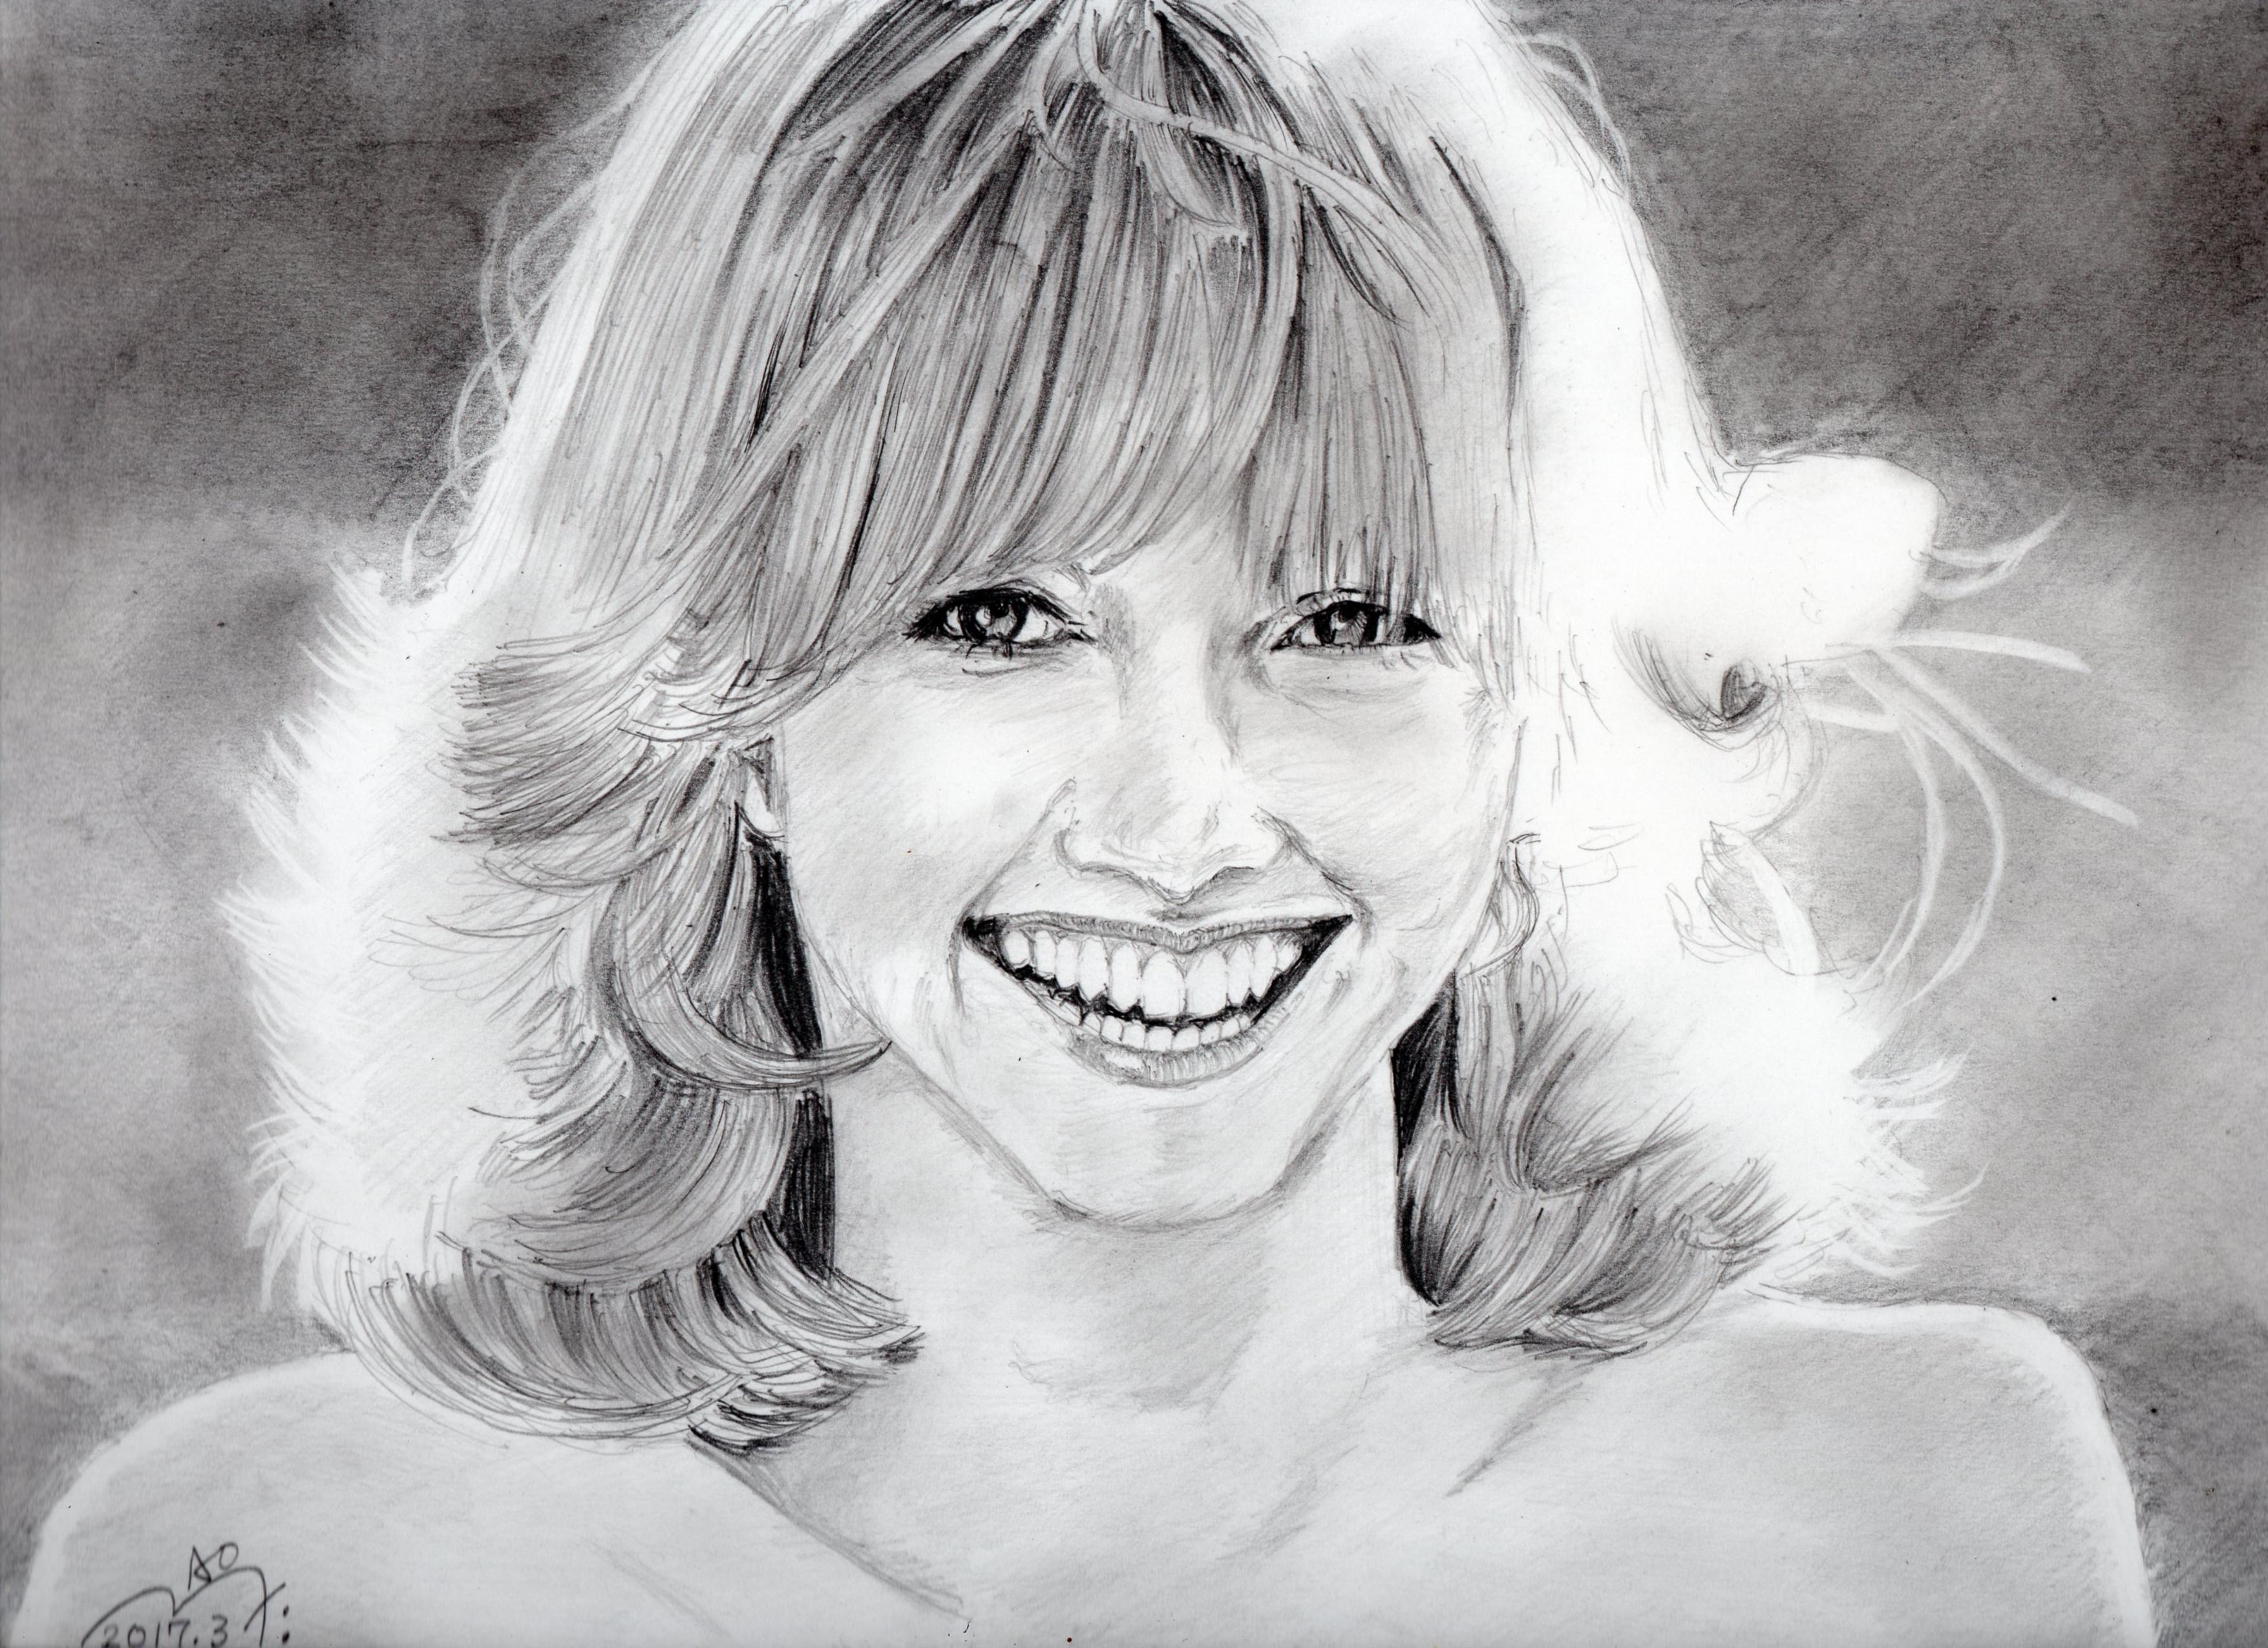 オリビア・ニュートン=ジョンの鉛筆画似顔絵